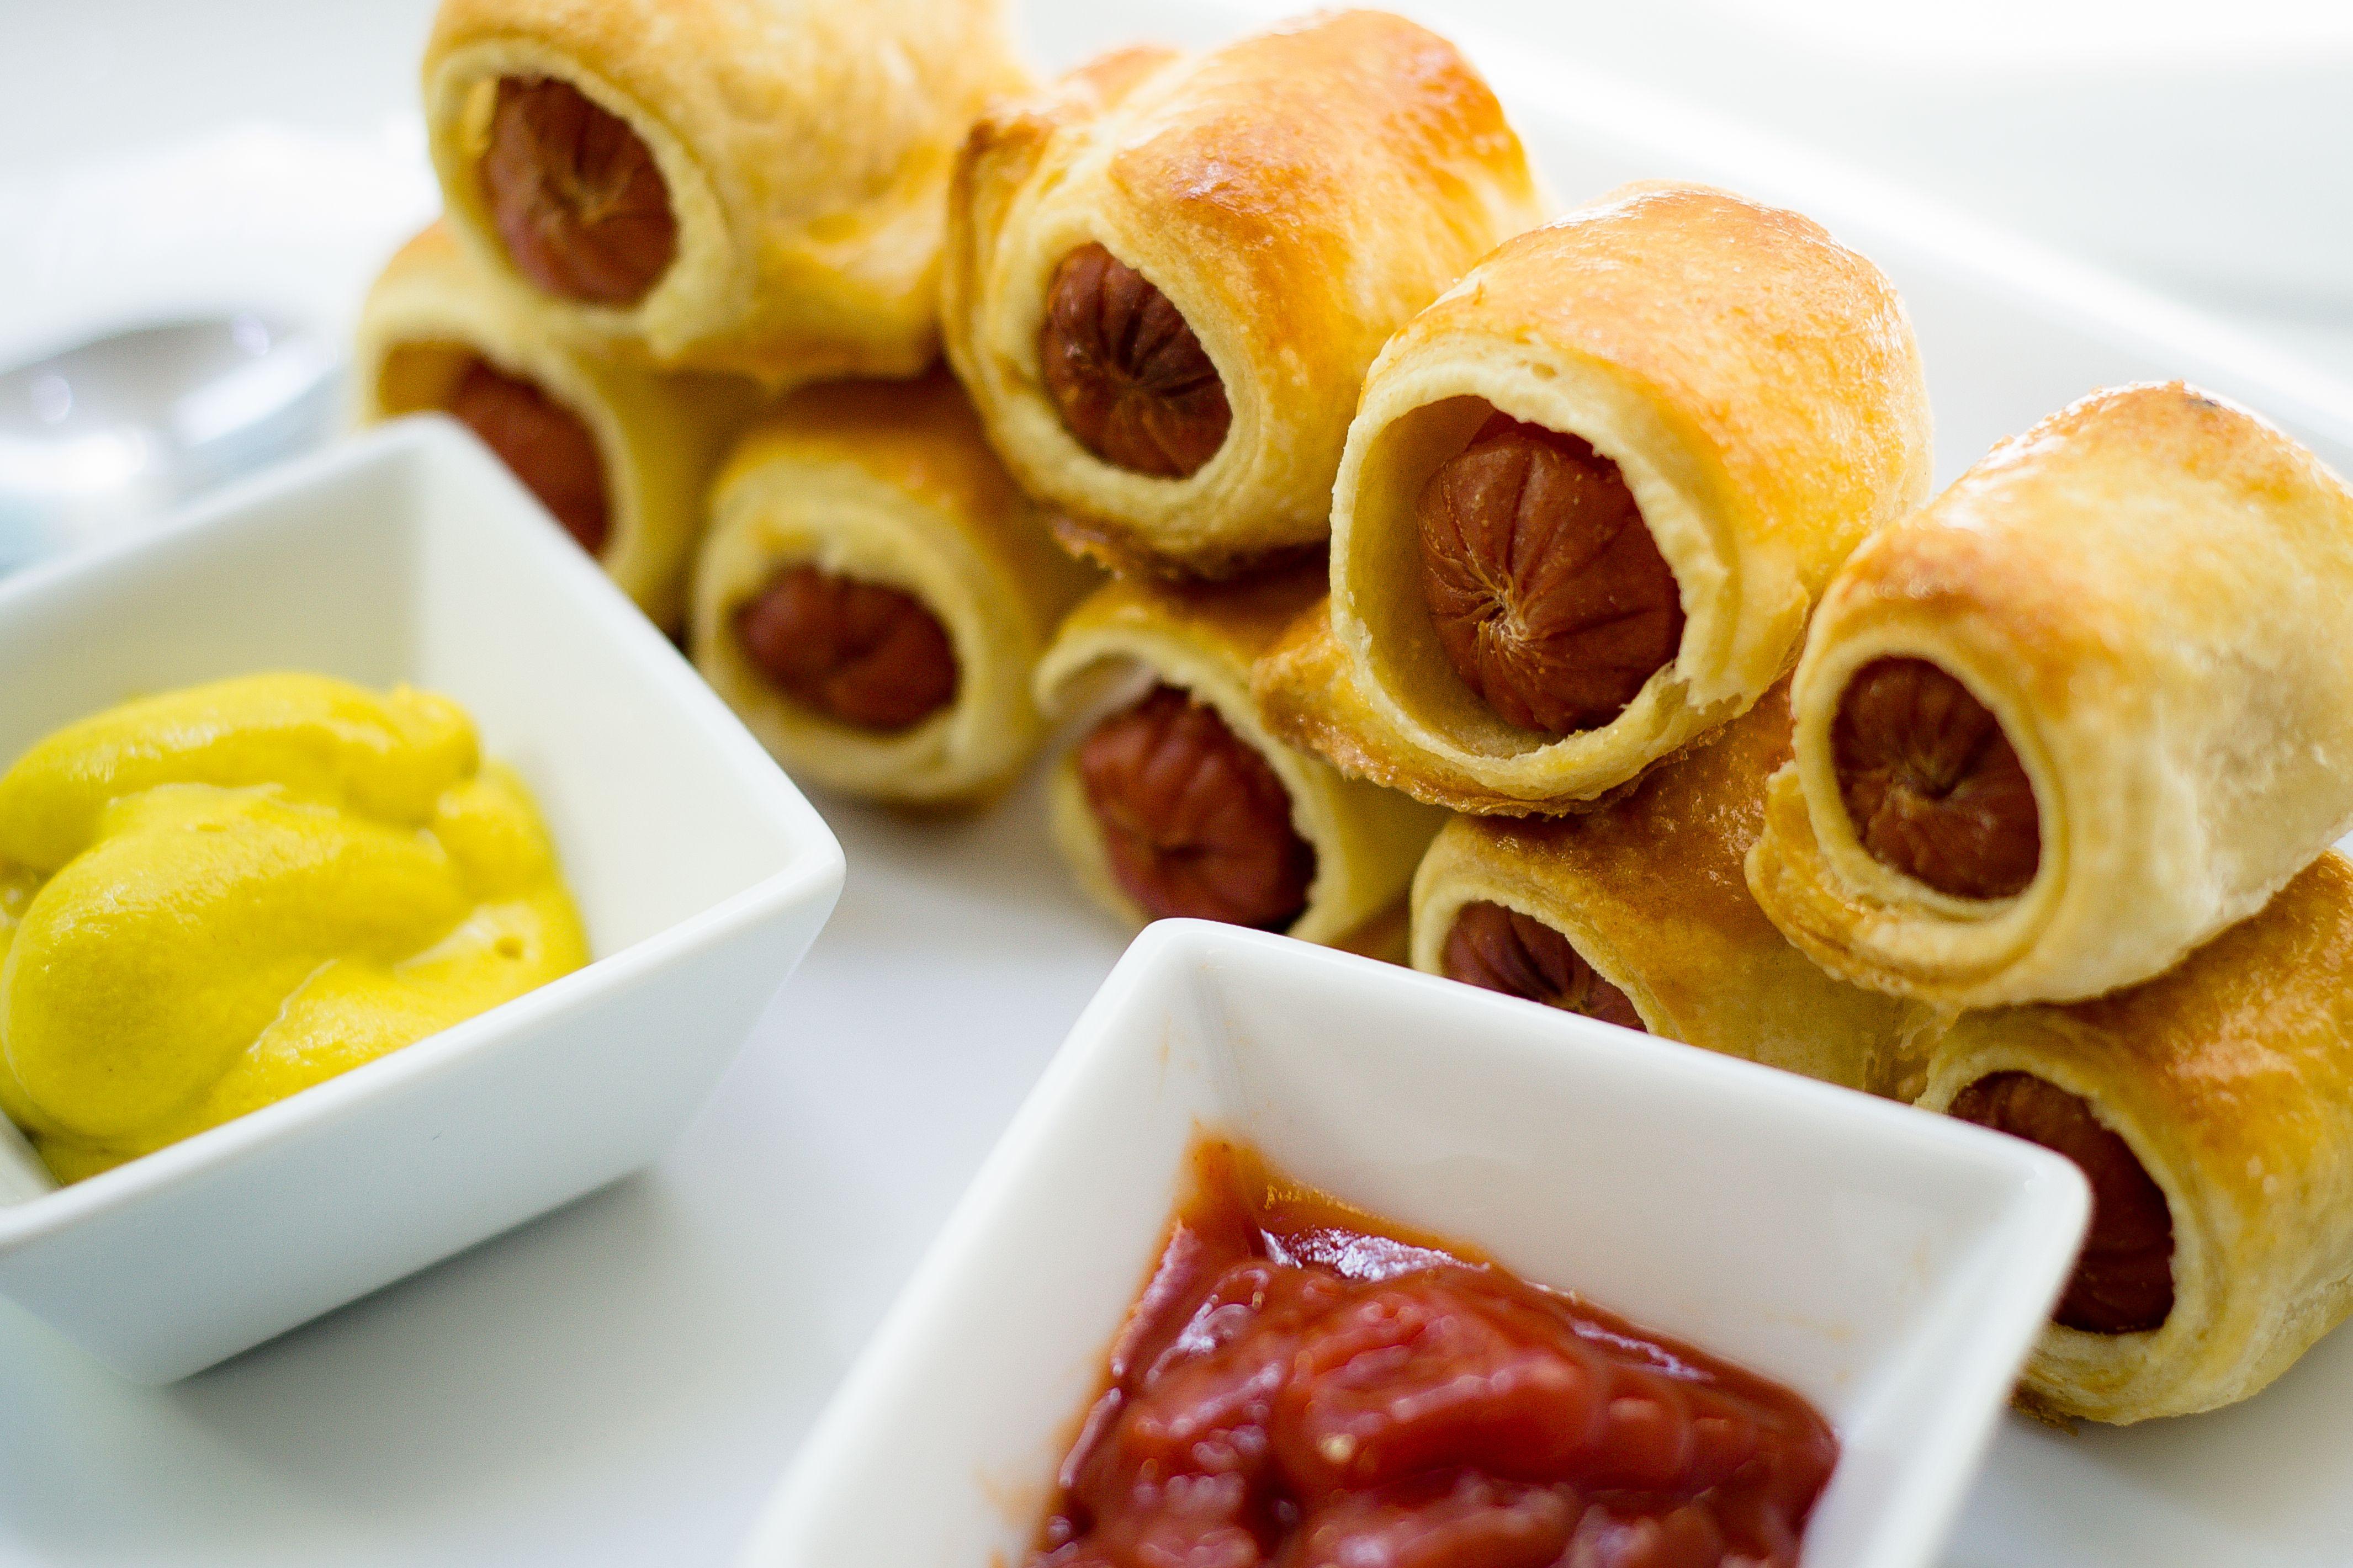 Sencillas Comidas Rapidas Para Hacer En Casa Mini Hotdogs Receta Recetas De Comida Recetas Faciles Comida